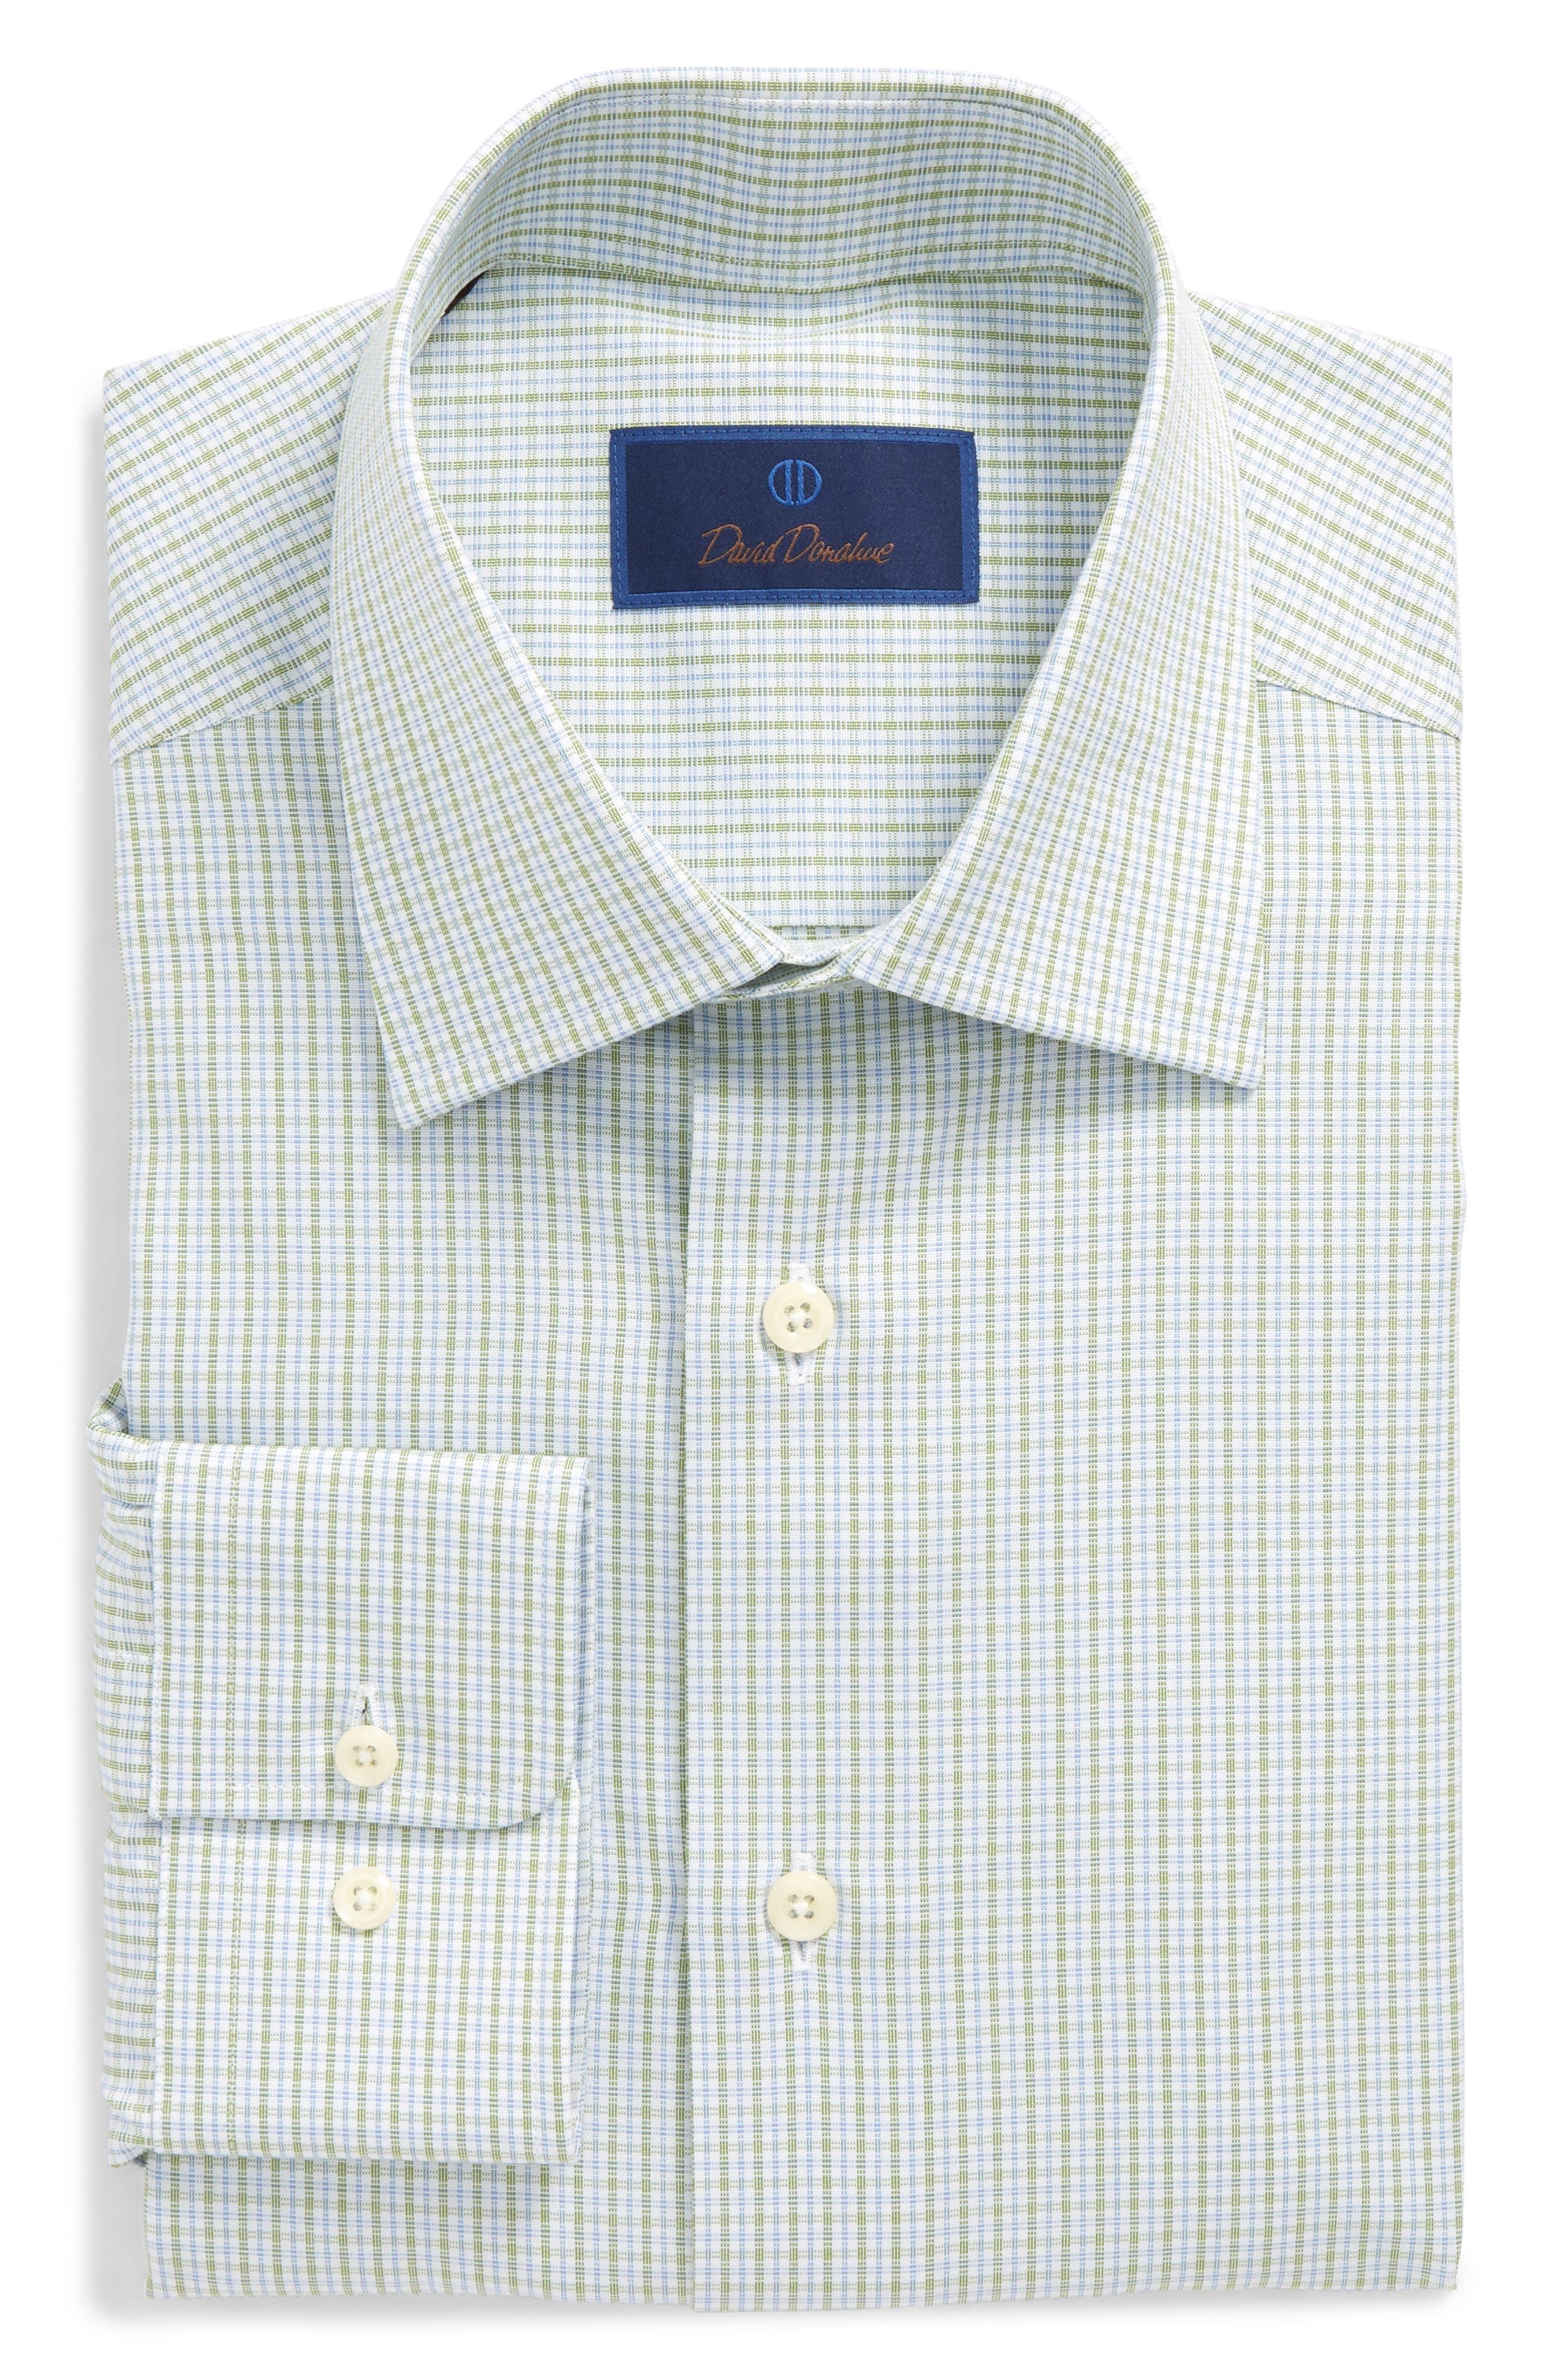 Regular Fit Check Dress Shirt,                             Main thumbnail 1, color,